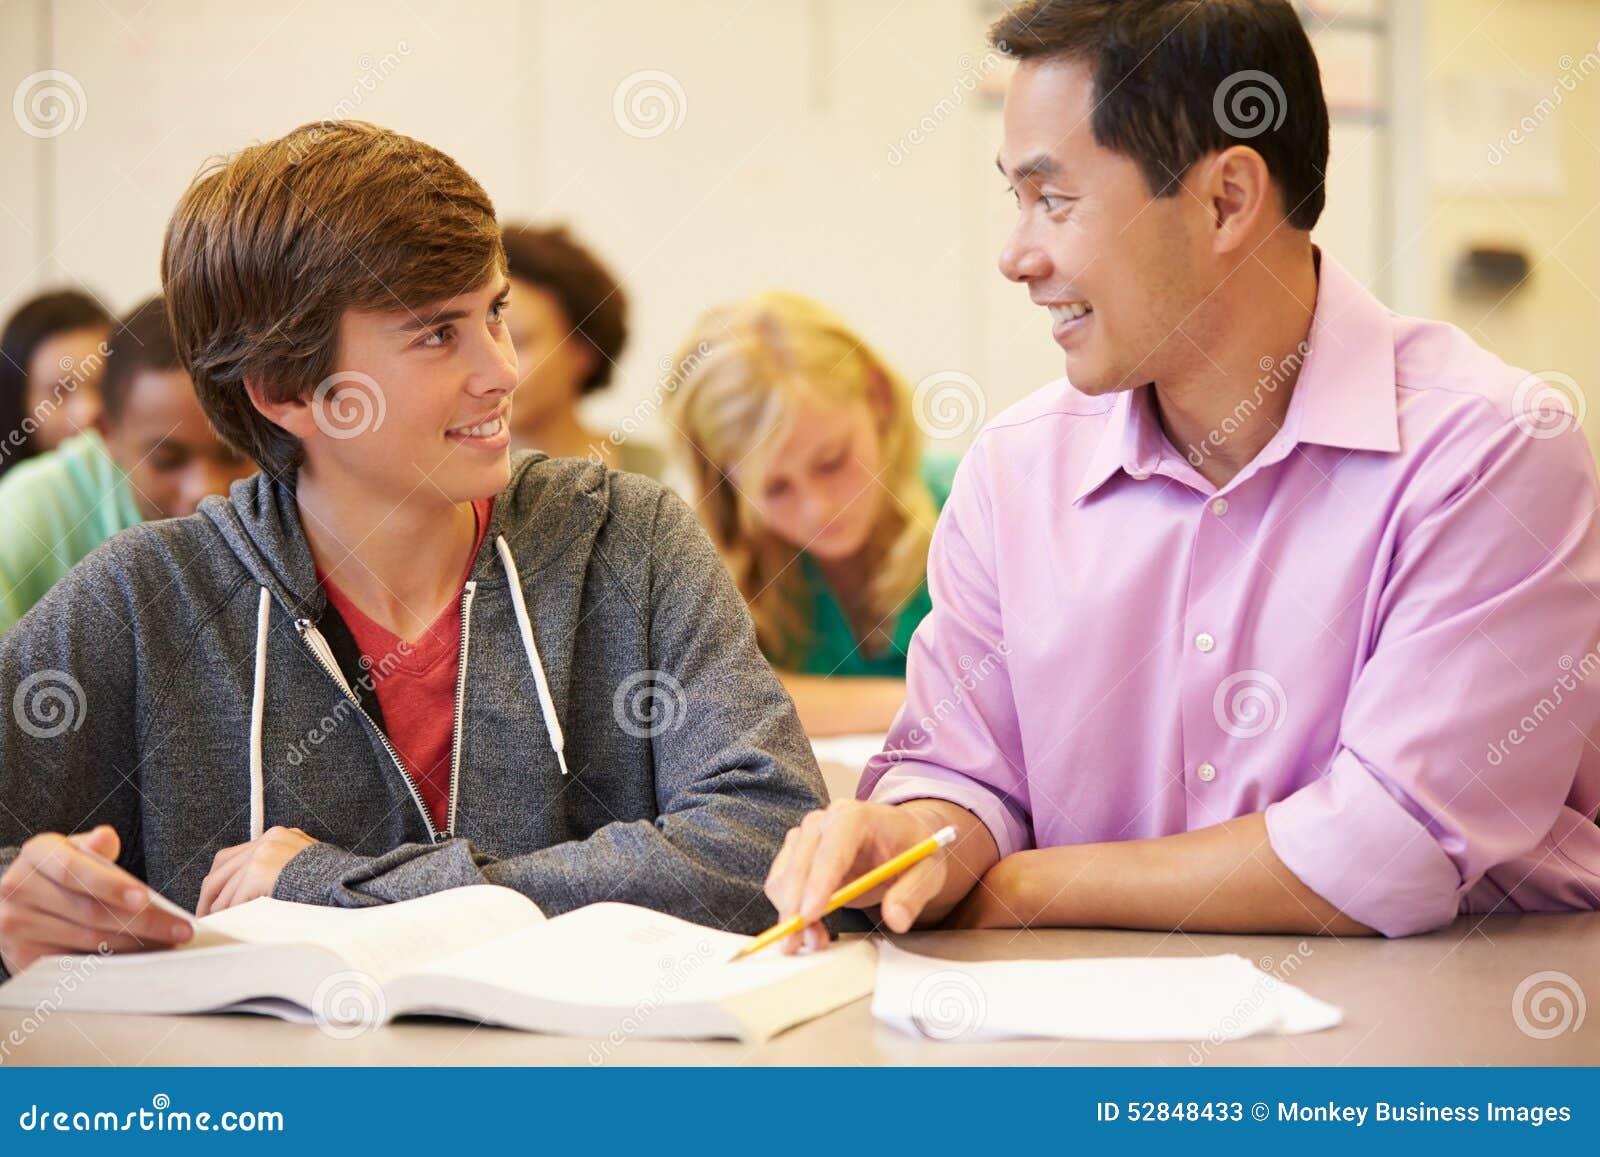 quality of high school education essay